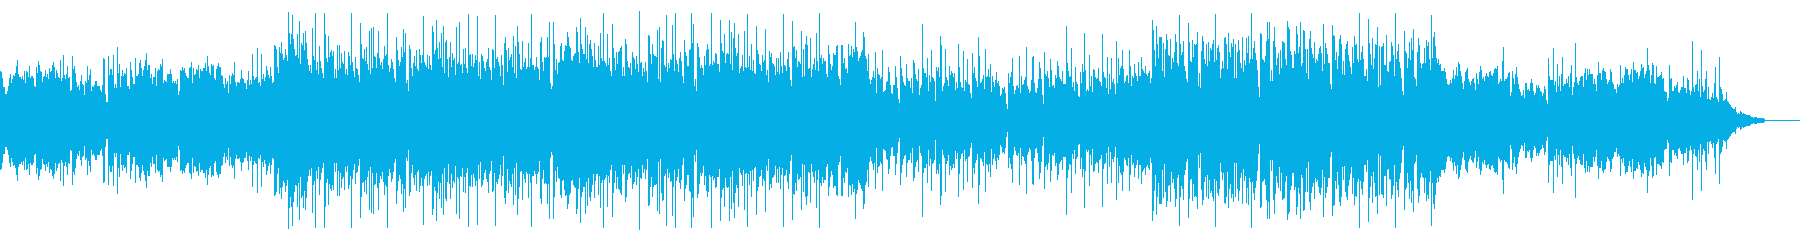 流行のダウンビートポップ。おしゃれモダンの再生済みの波形